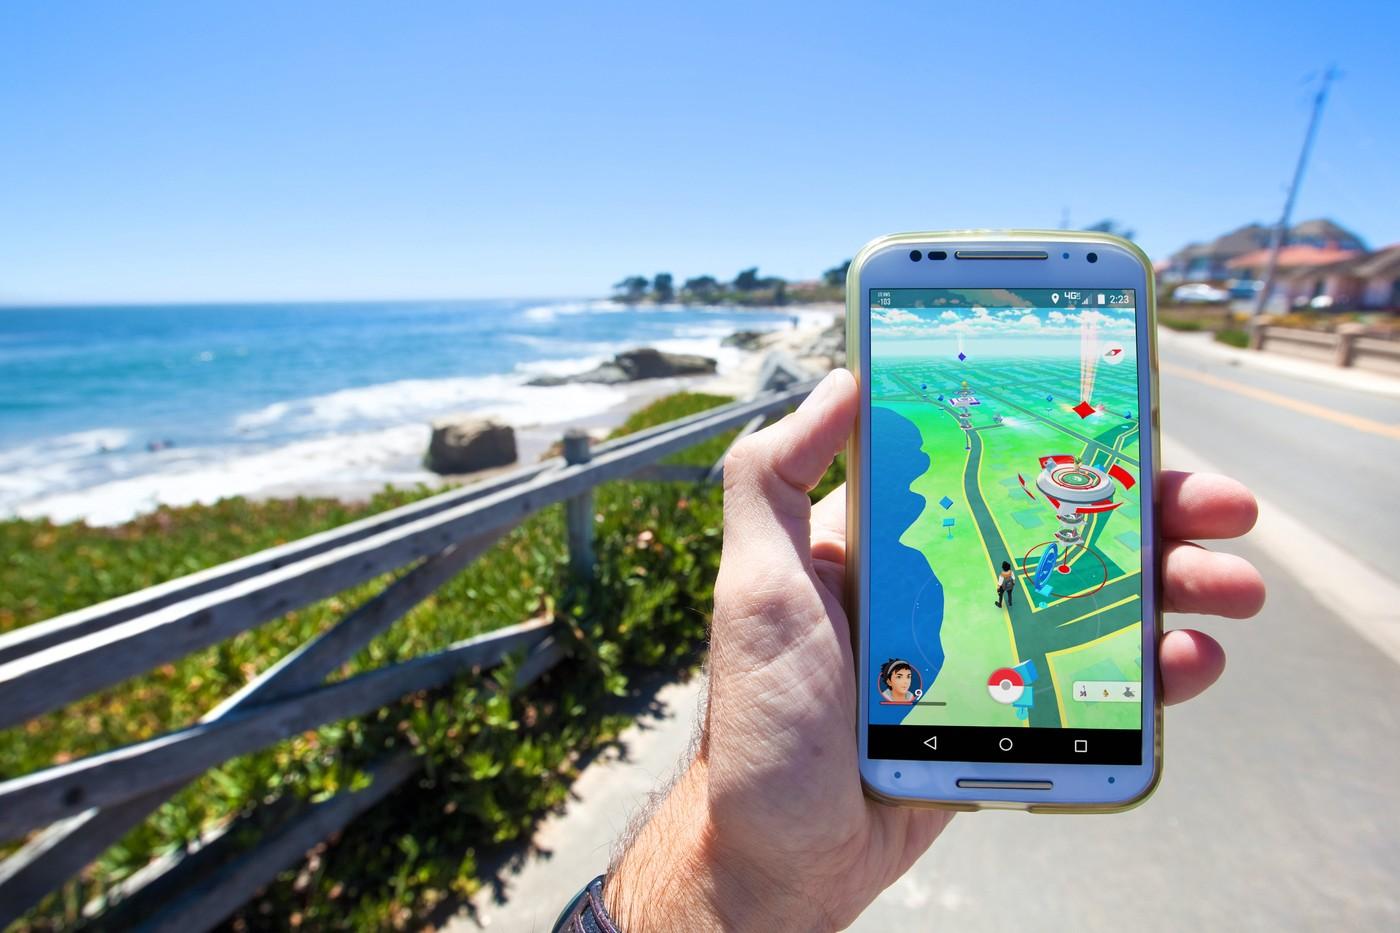 Pokemon Go開發商攜手8家電信,成立全球AR聯盟!除了遊戲還能玩哪些5G應用?